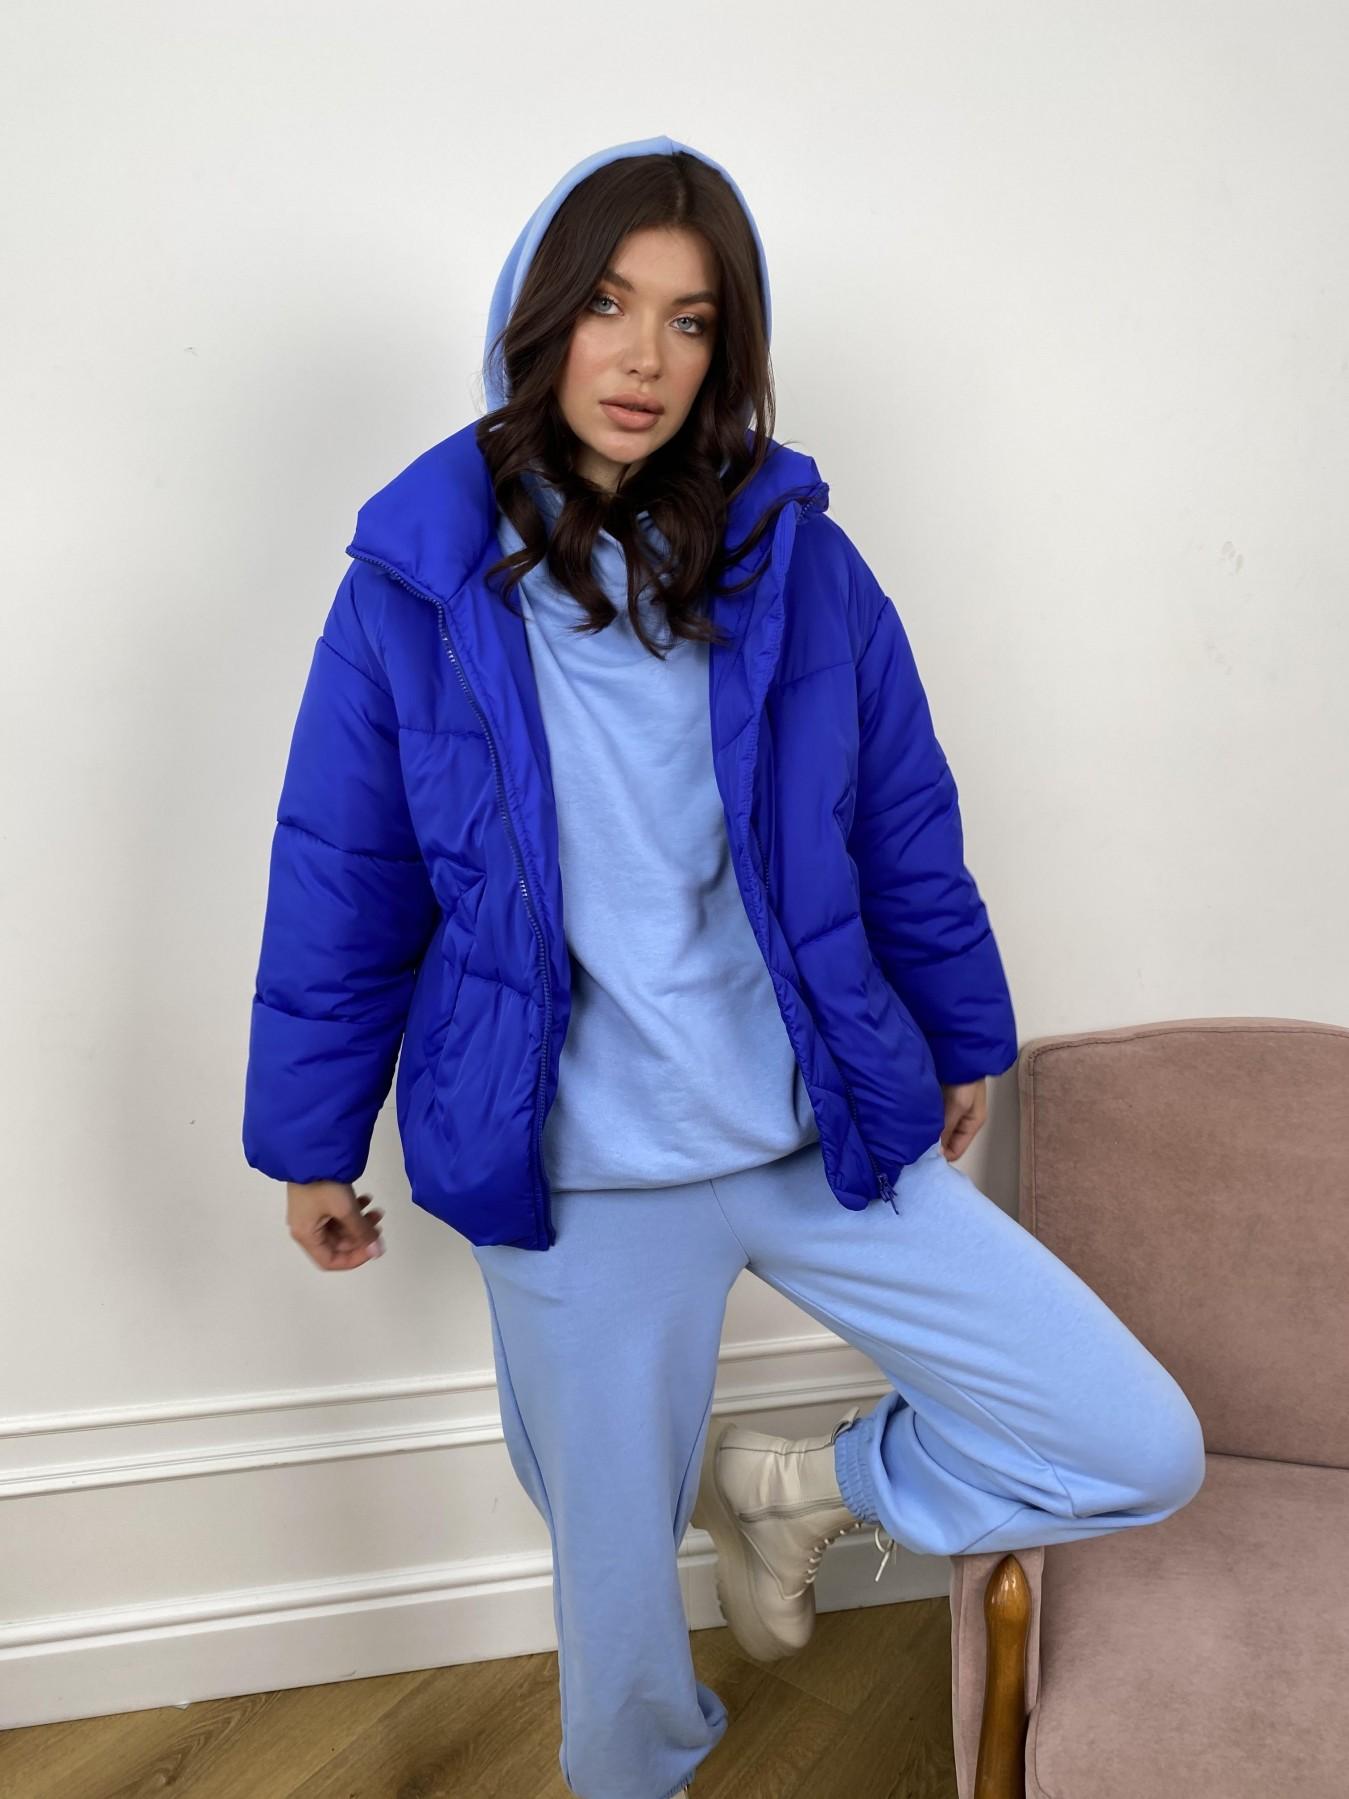 Нокс куртка из плащевой ткани 10535 АРТ. 46881 Цвет: Электрик 1052 - фото 1, интернет магазин tm-modus.ru